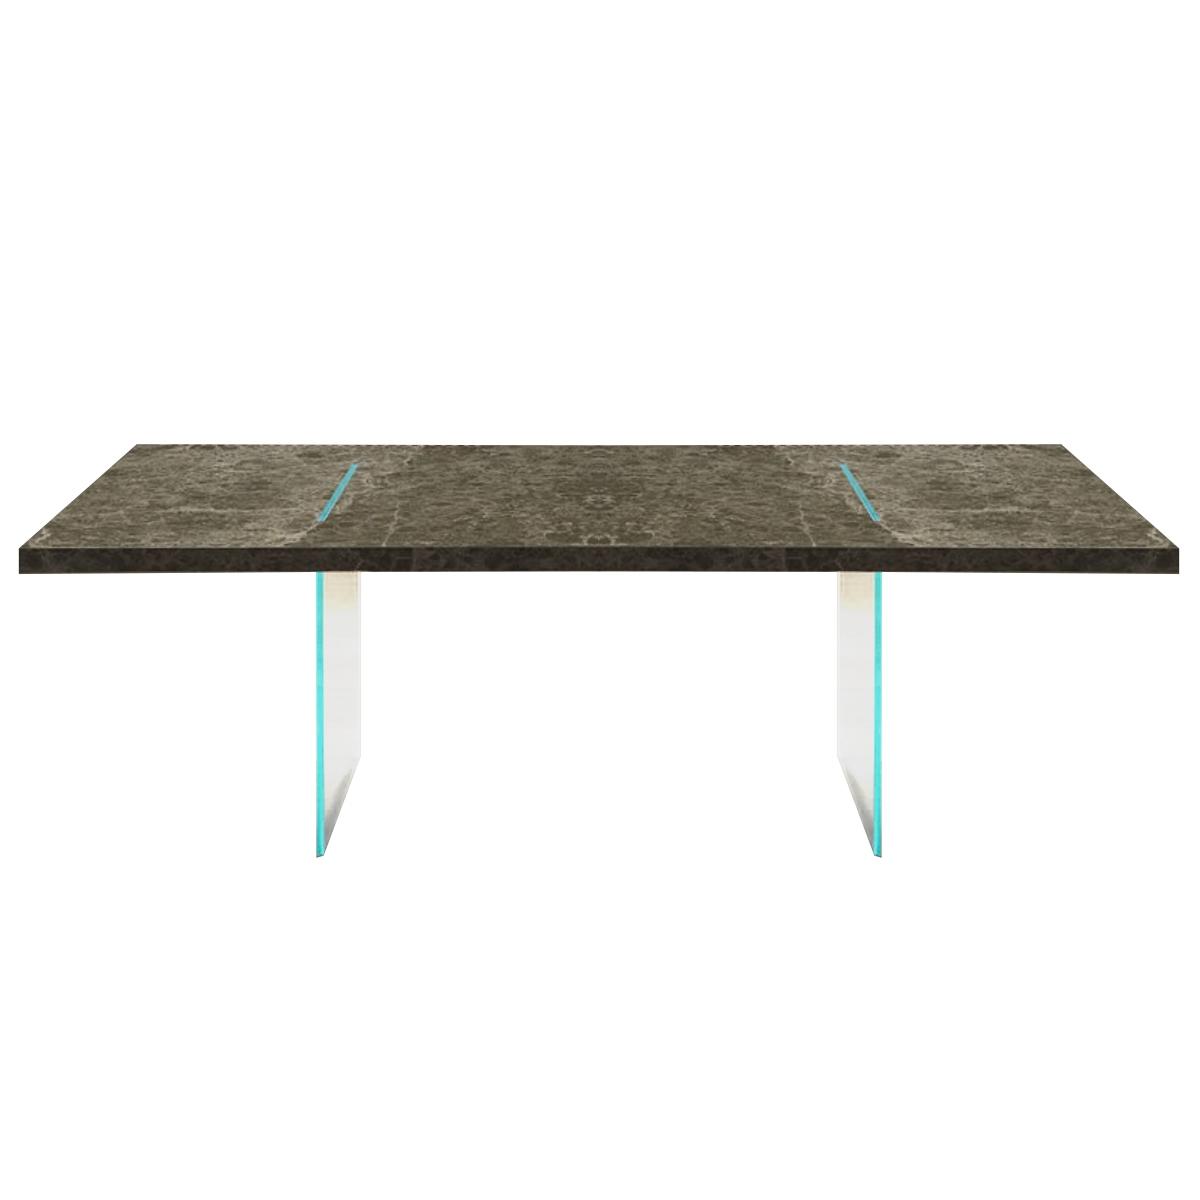 TONELLI jídelní stoly Tavolante Ceramic (240 x 120 cm)